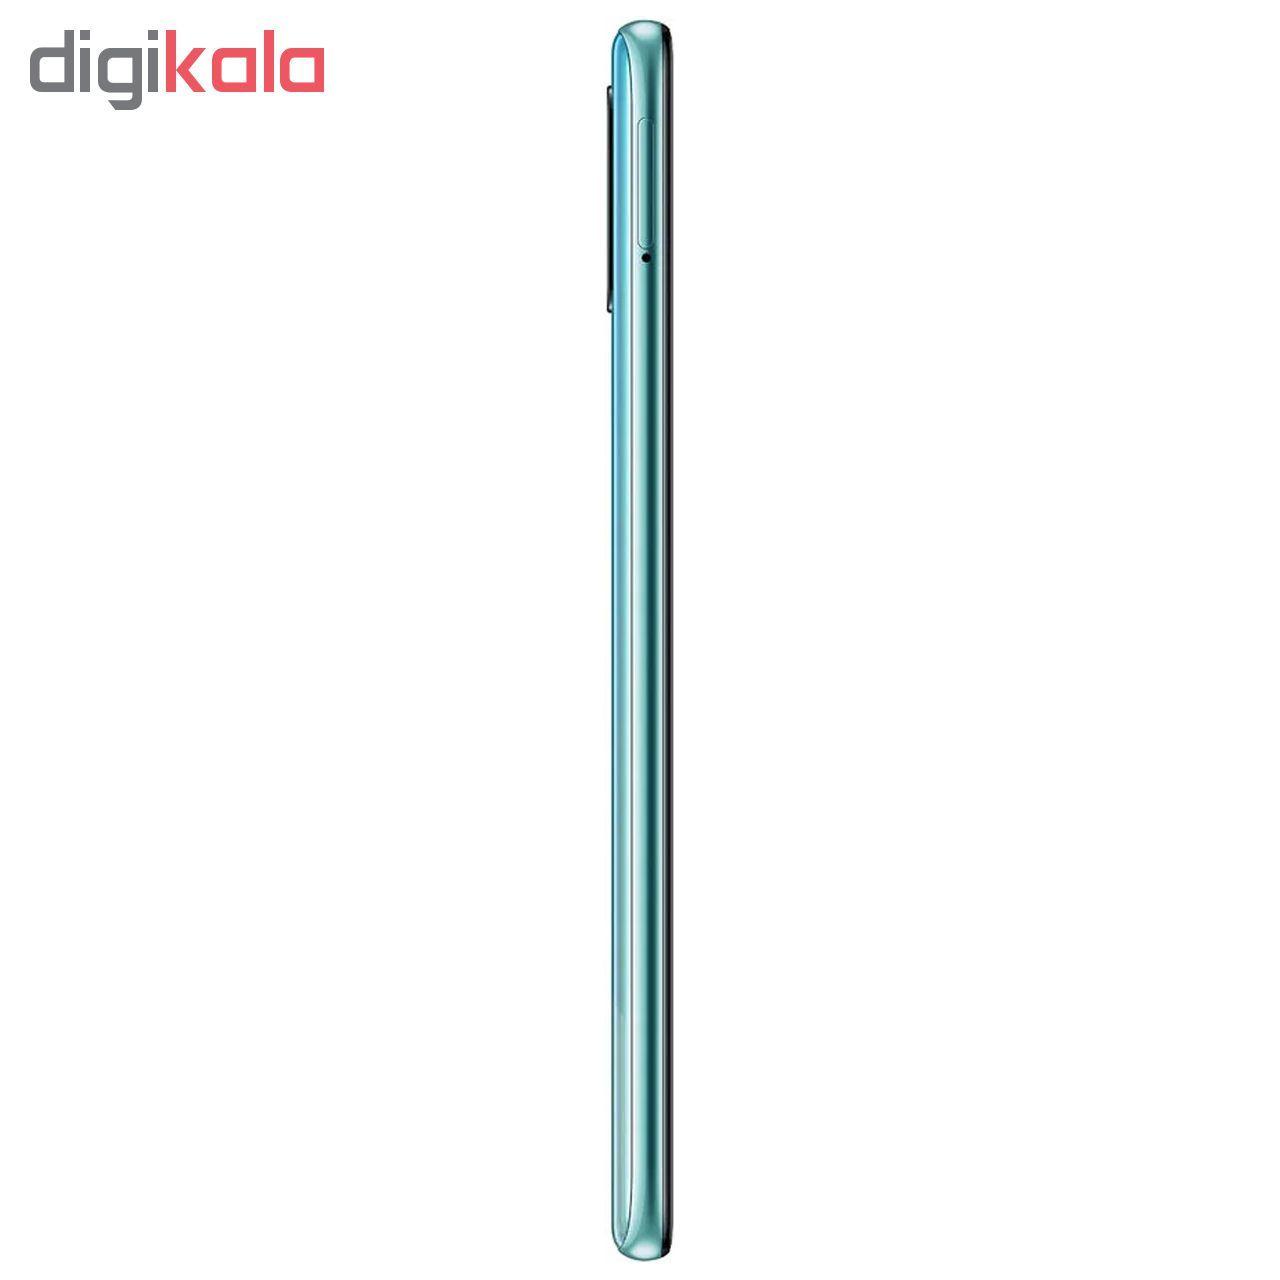 گوشی موبایل سامسونگ مدل Galaxy A51 SM-A515F/DSN دو سیم کارت ظرفیت 128گیگابایت main 1 5